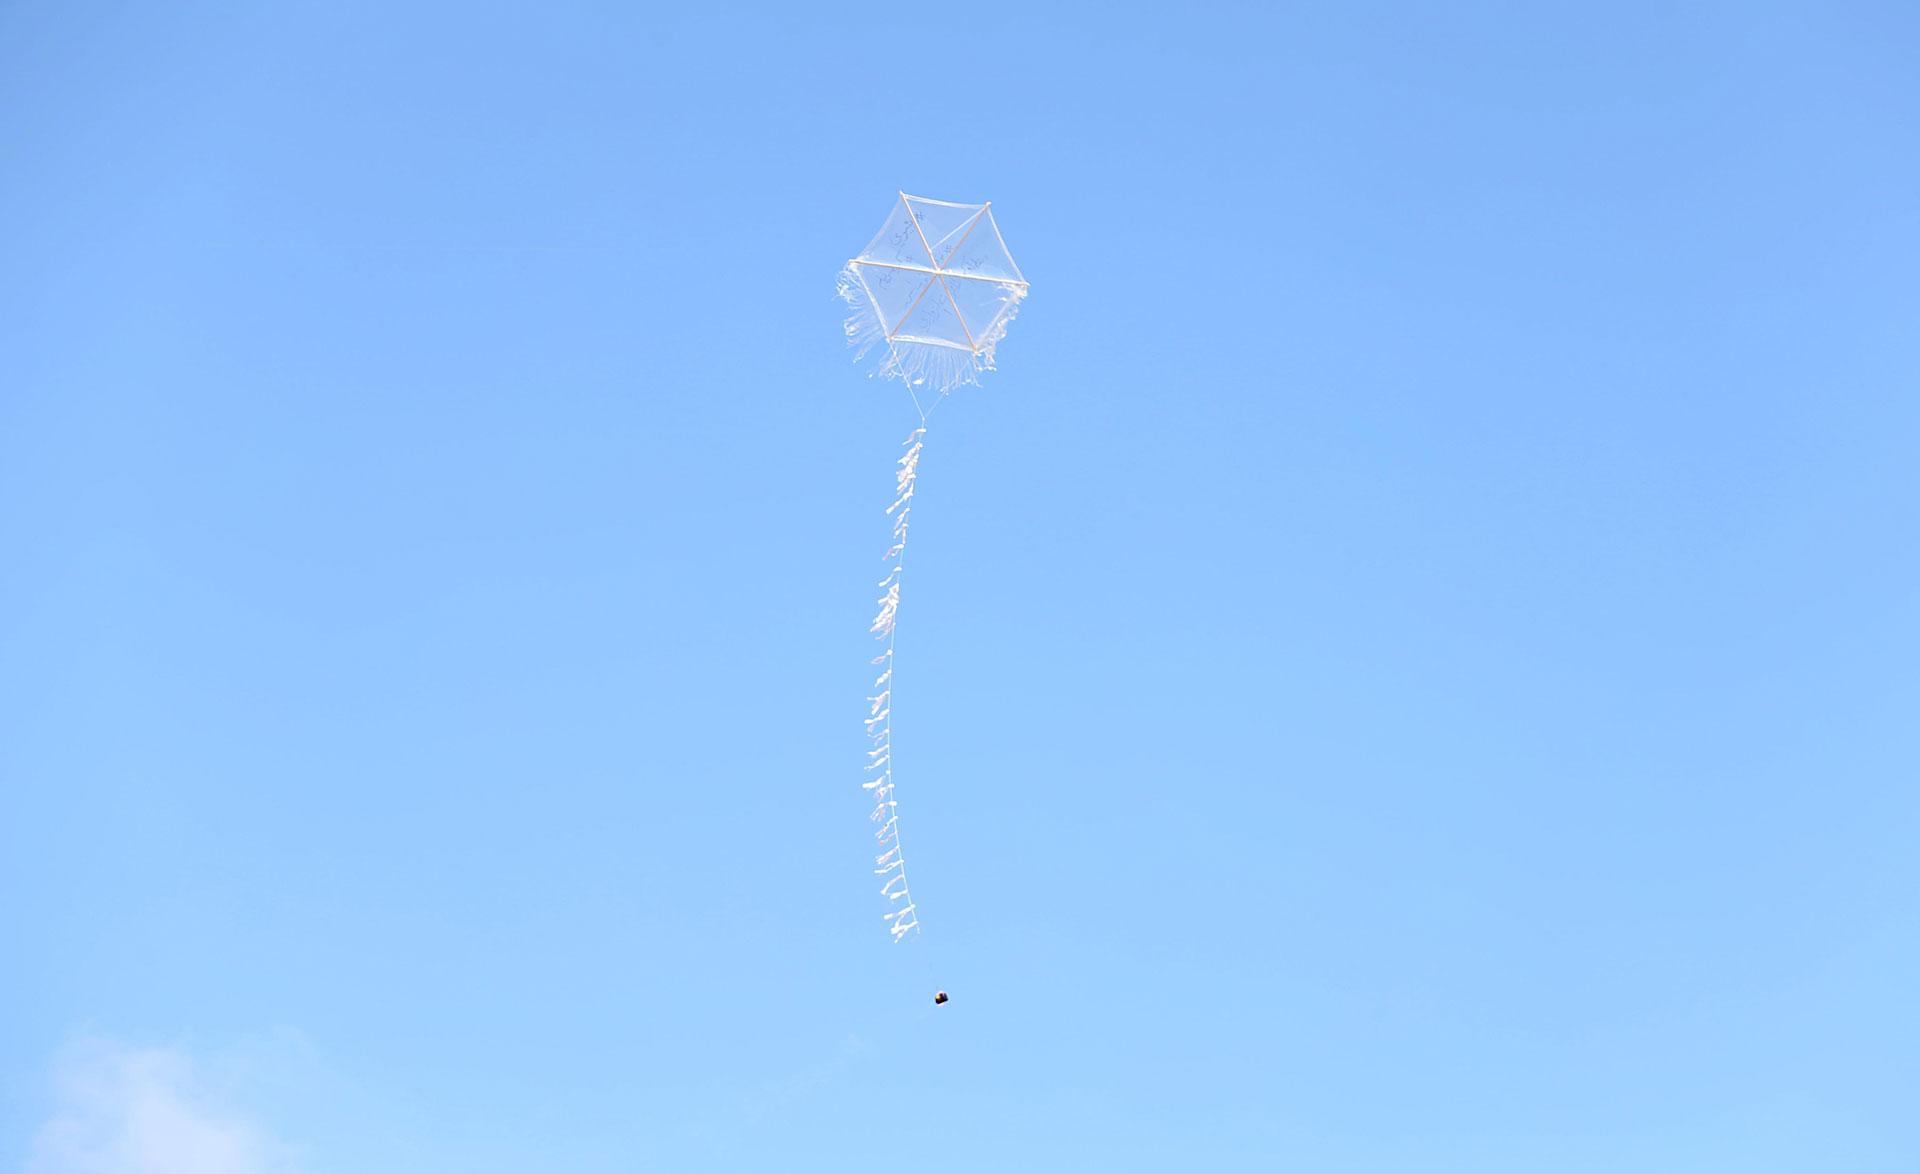 Las cometas que portan elementos incendiarios pueden cruzar fácilmente la frontera y adentrarse en Israel, donde vuelan a la deriva antes de caer (Reuters)